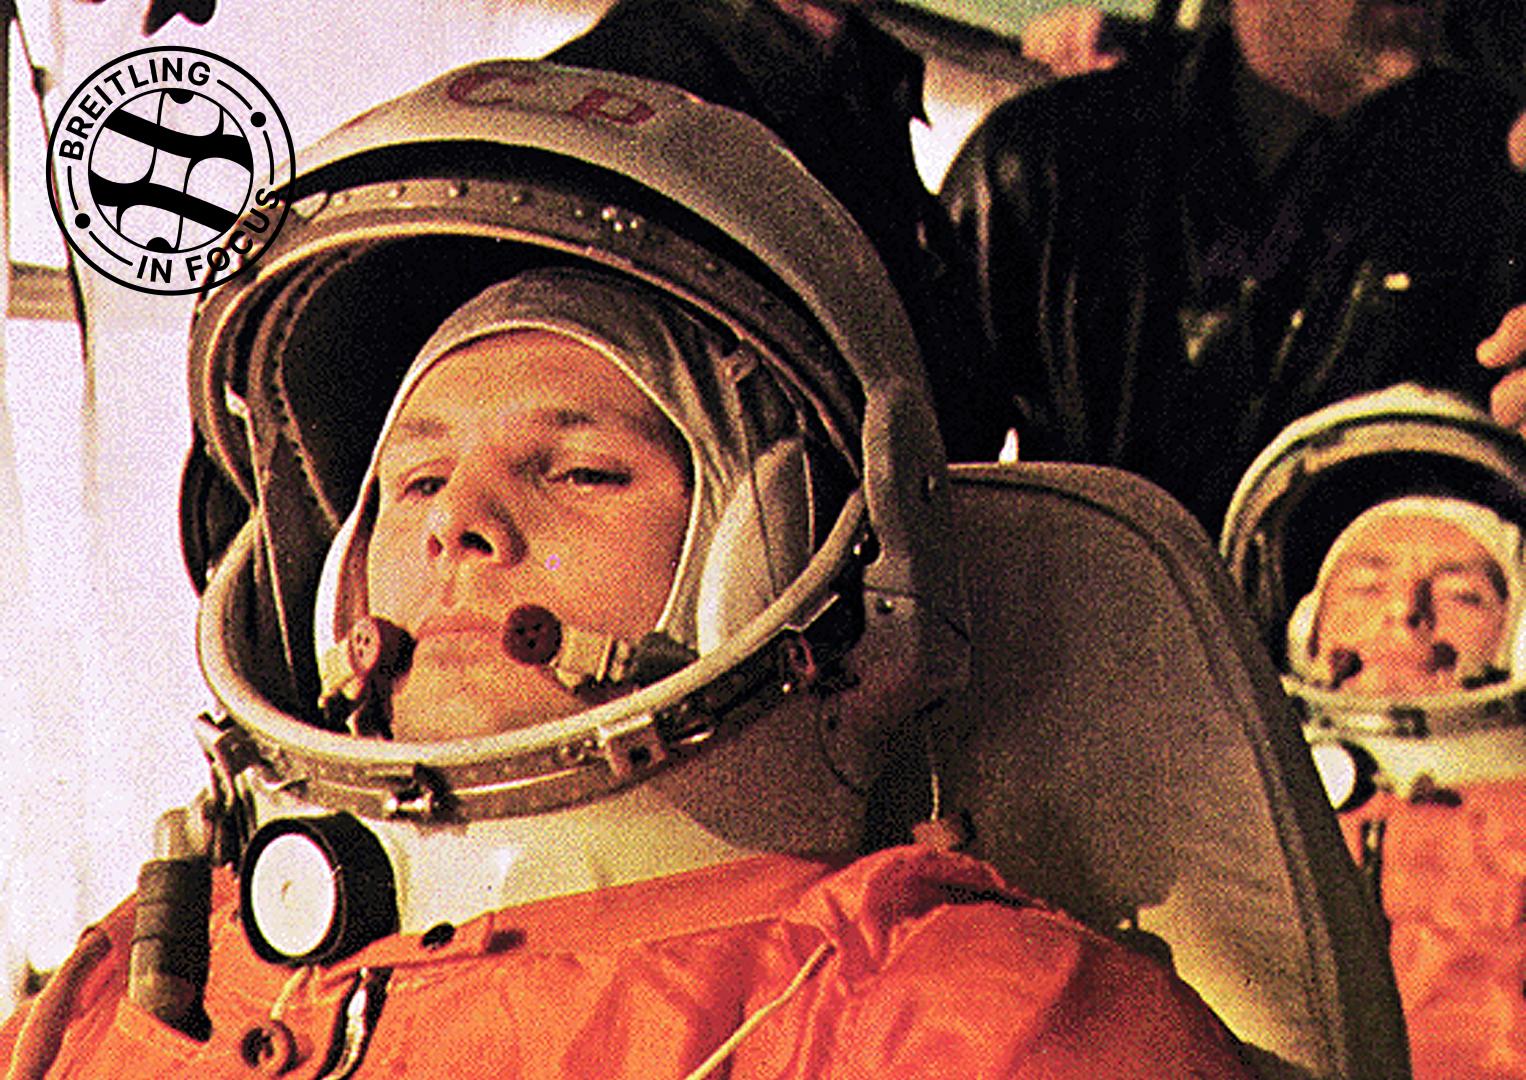 Russian Yuri Gagarin, the first man in space